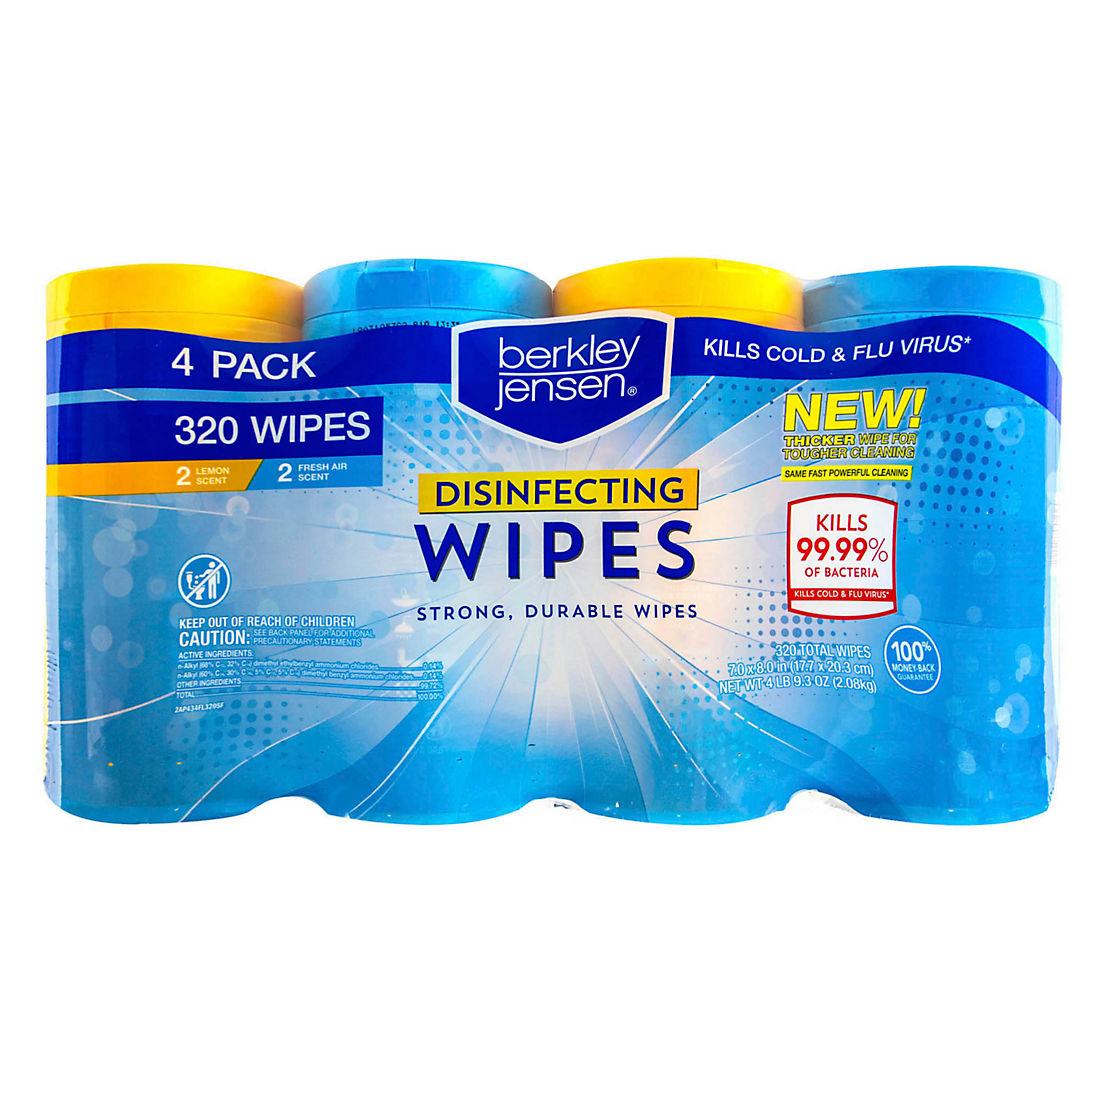 Berkley Jensen Disinfecting Wipes, 4 pk /80 ct